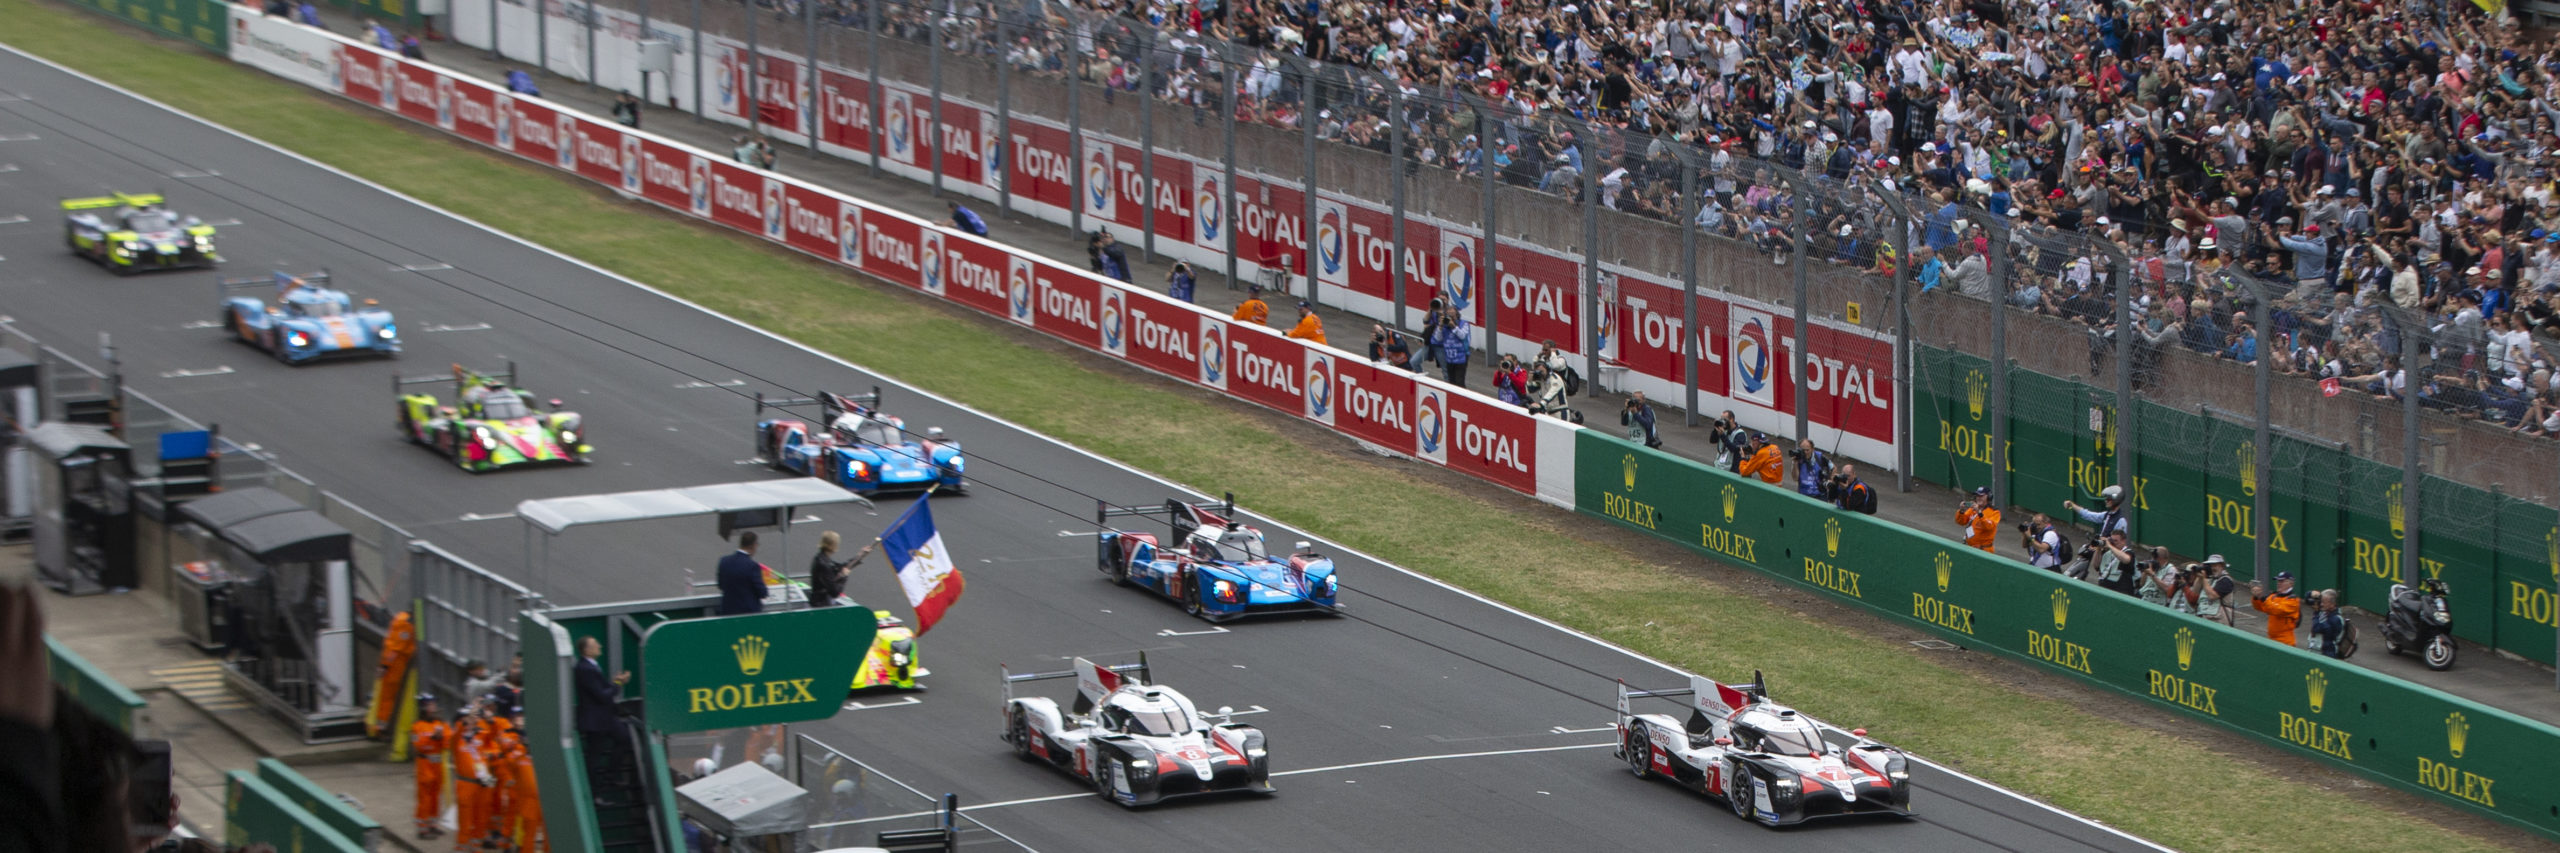 Le Mans 24 Hours slide 5